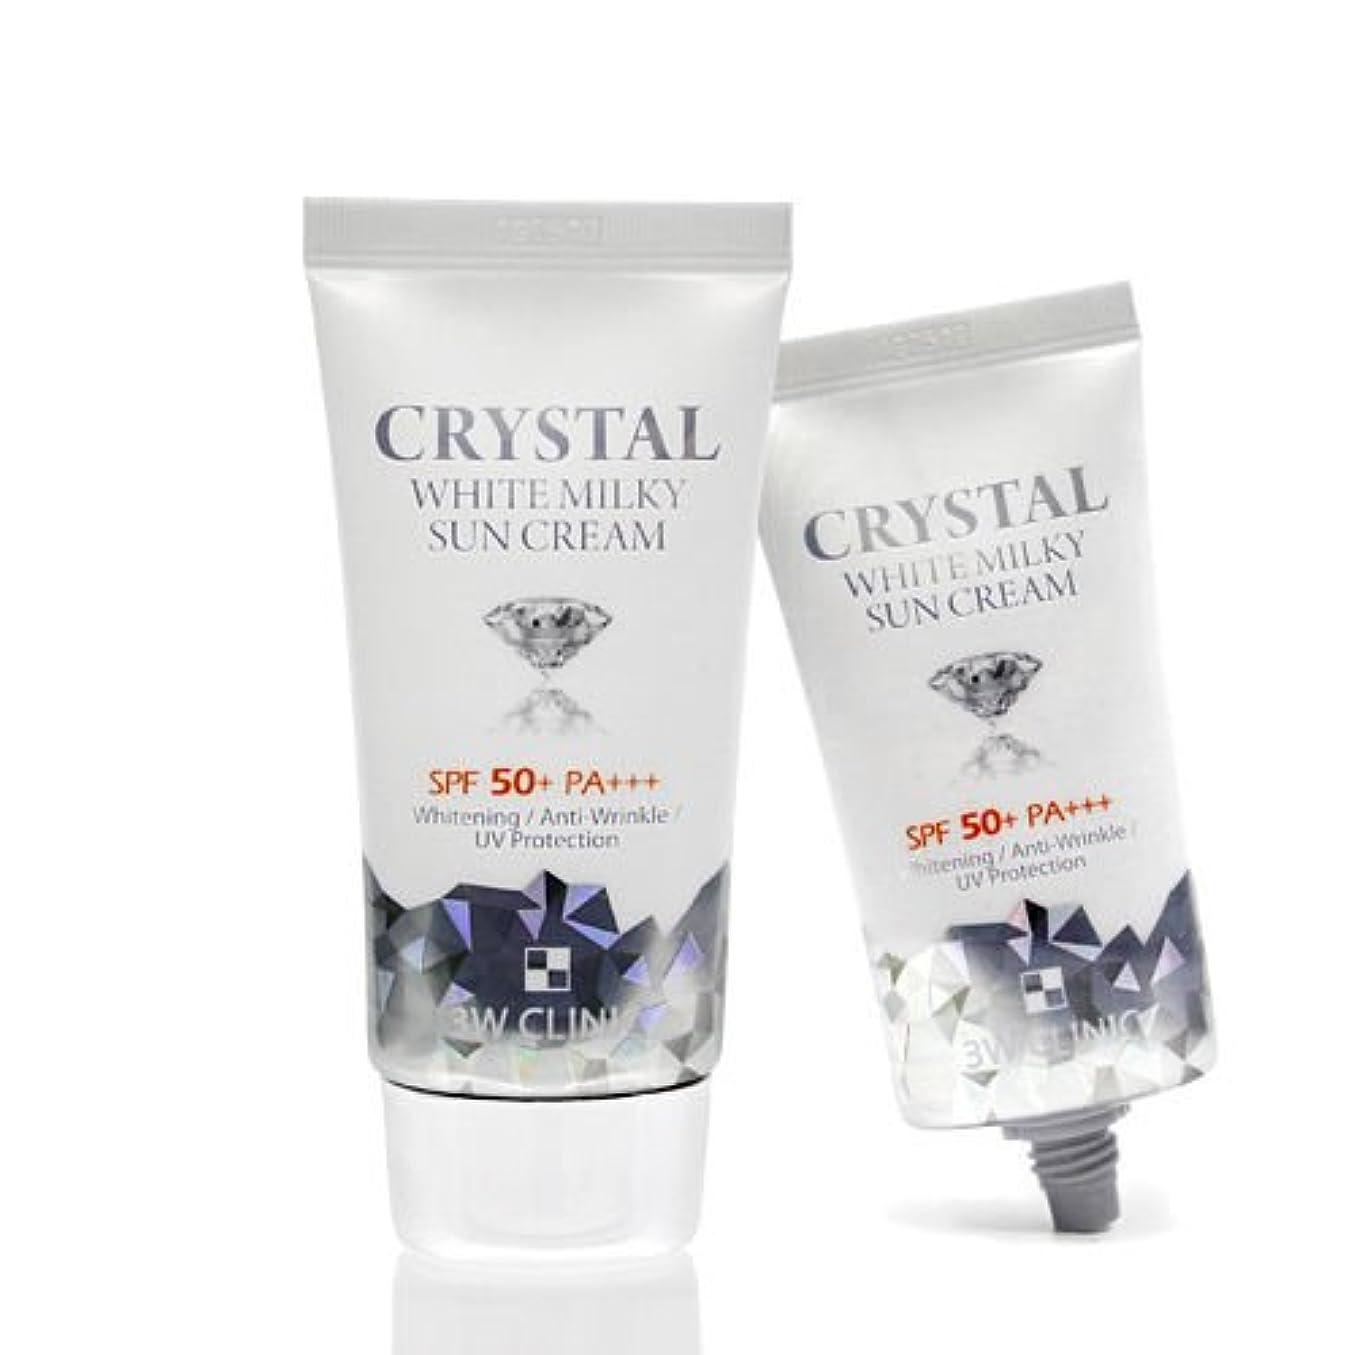 ボイド配管霧深い3Wクリニック[韓国コスメ3w Clinic]Crystal White Milky Sun Cream クリスタルホワイトミルキー 日焼け止めクリーム50ml[並行輸入品]